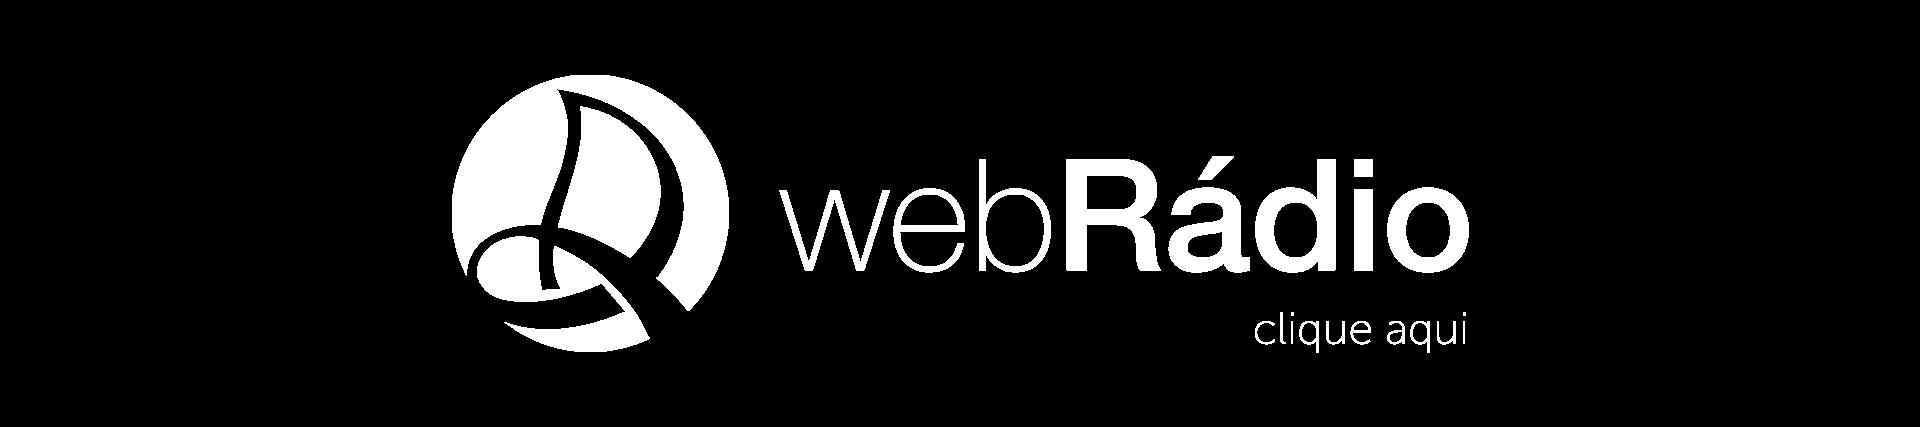 53c02192e7a740014748b12a_web-radio-C.png